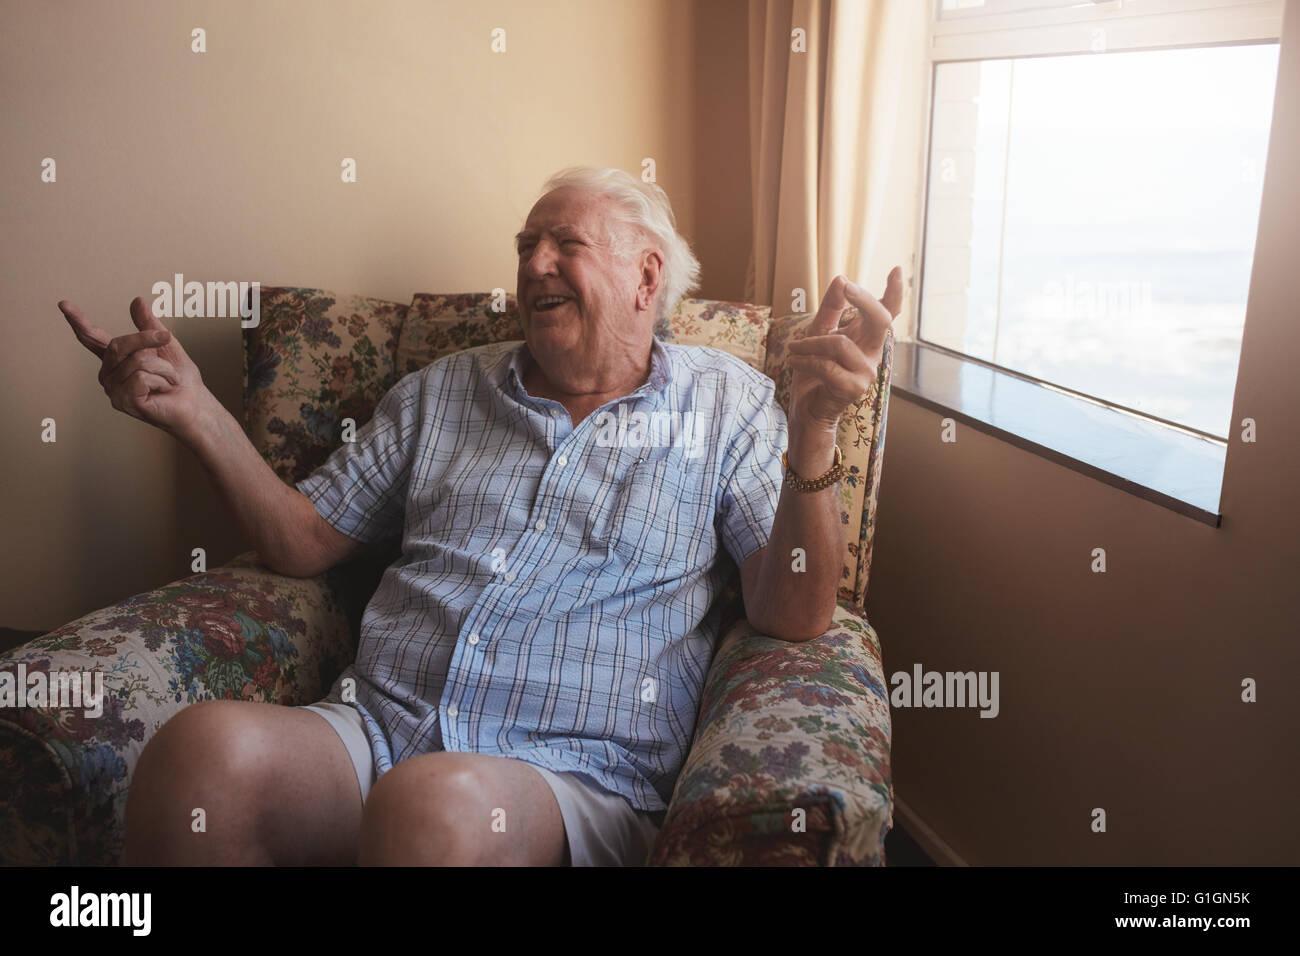 Piscina colpo di felice vecchio seduto su una sedia di braccio e sorridente. Uomo Senior in un momento di relax Immagini Stock